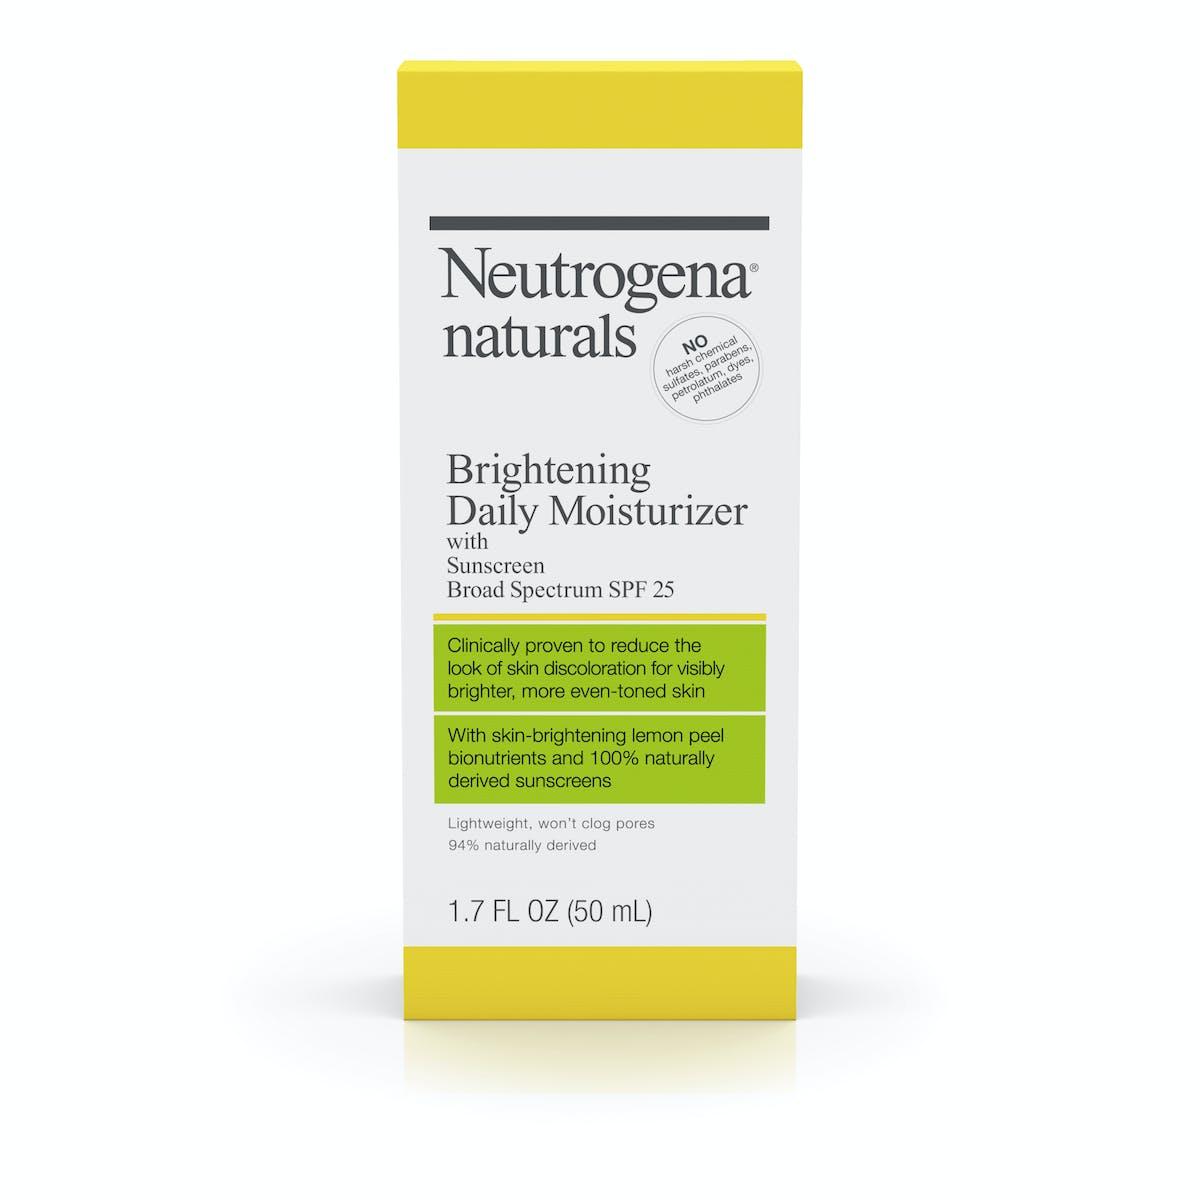 Neutrogena Naturals Brightening Daily Moisturizer With Sunscreen Broad Spectrum